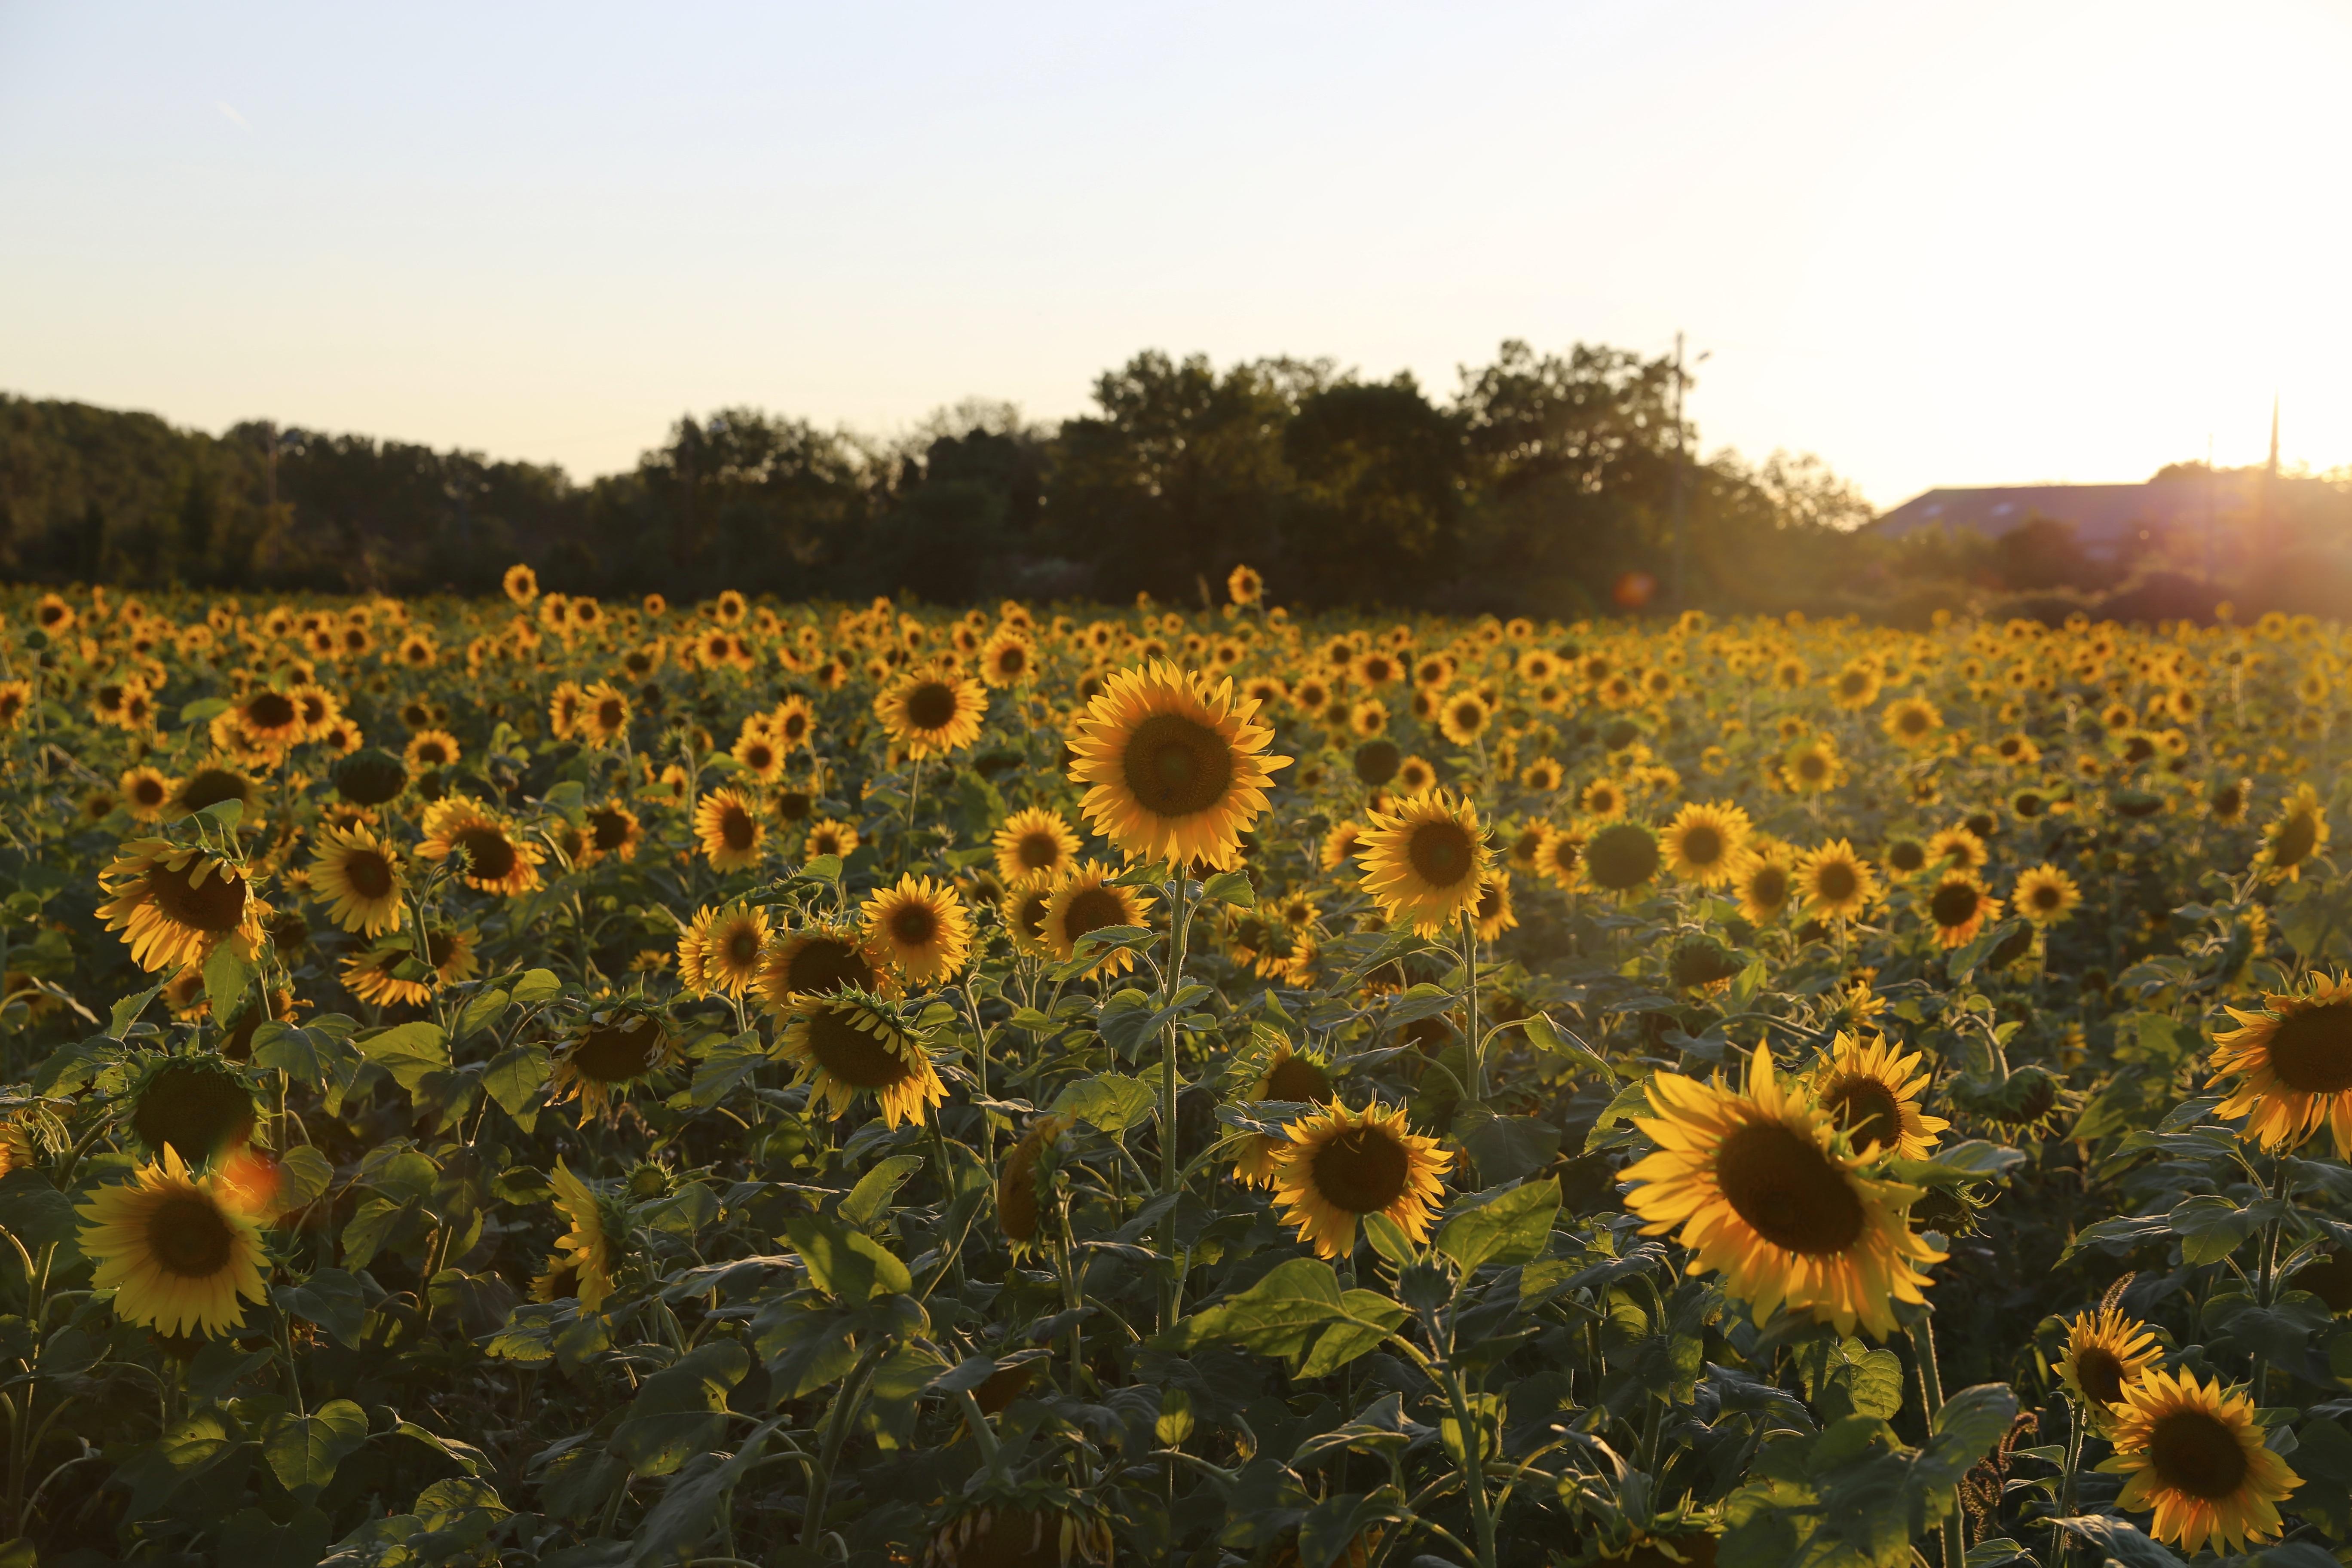 Gambar Cahaya Menanam Bidang Padang Rumput Sinar Matahari Pertanian Polos Bunga Matahari Bunga Liar Provence Tanaman Berbunga Keluarga Daisy Biji Bunga Matahari Tanaman Tanah 5472x3648 930105 Galeri Foto Pxhere